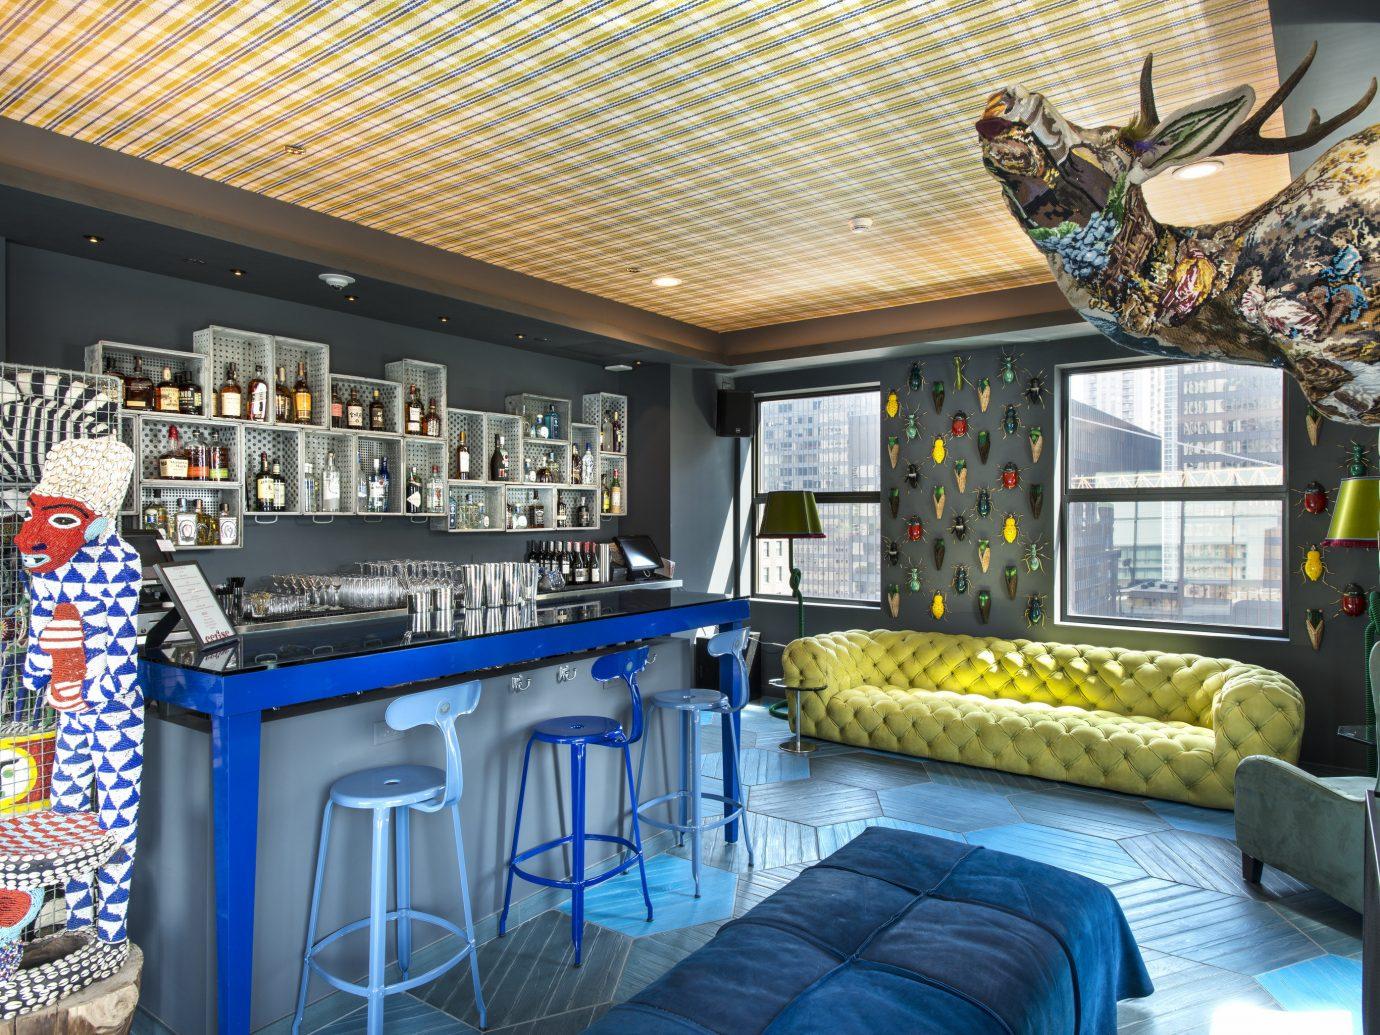 Hotels indoor room property ceiling home estate interior design real estate living room cottage vehicle furniture